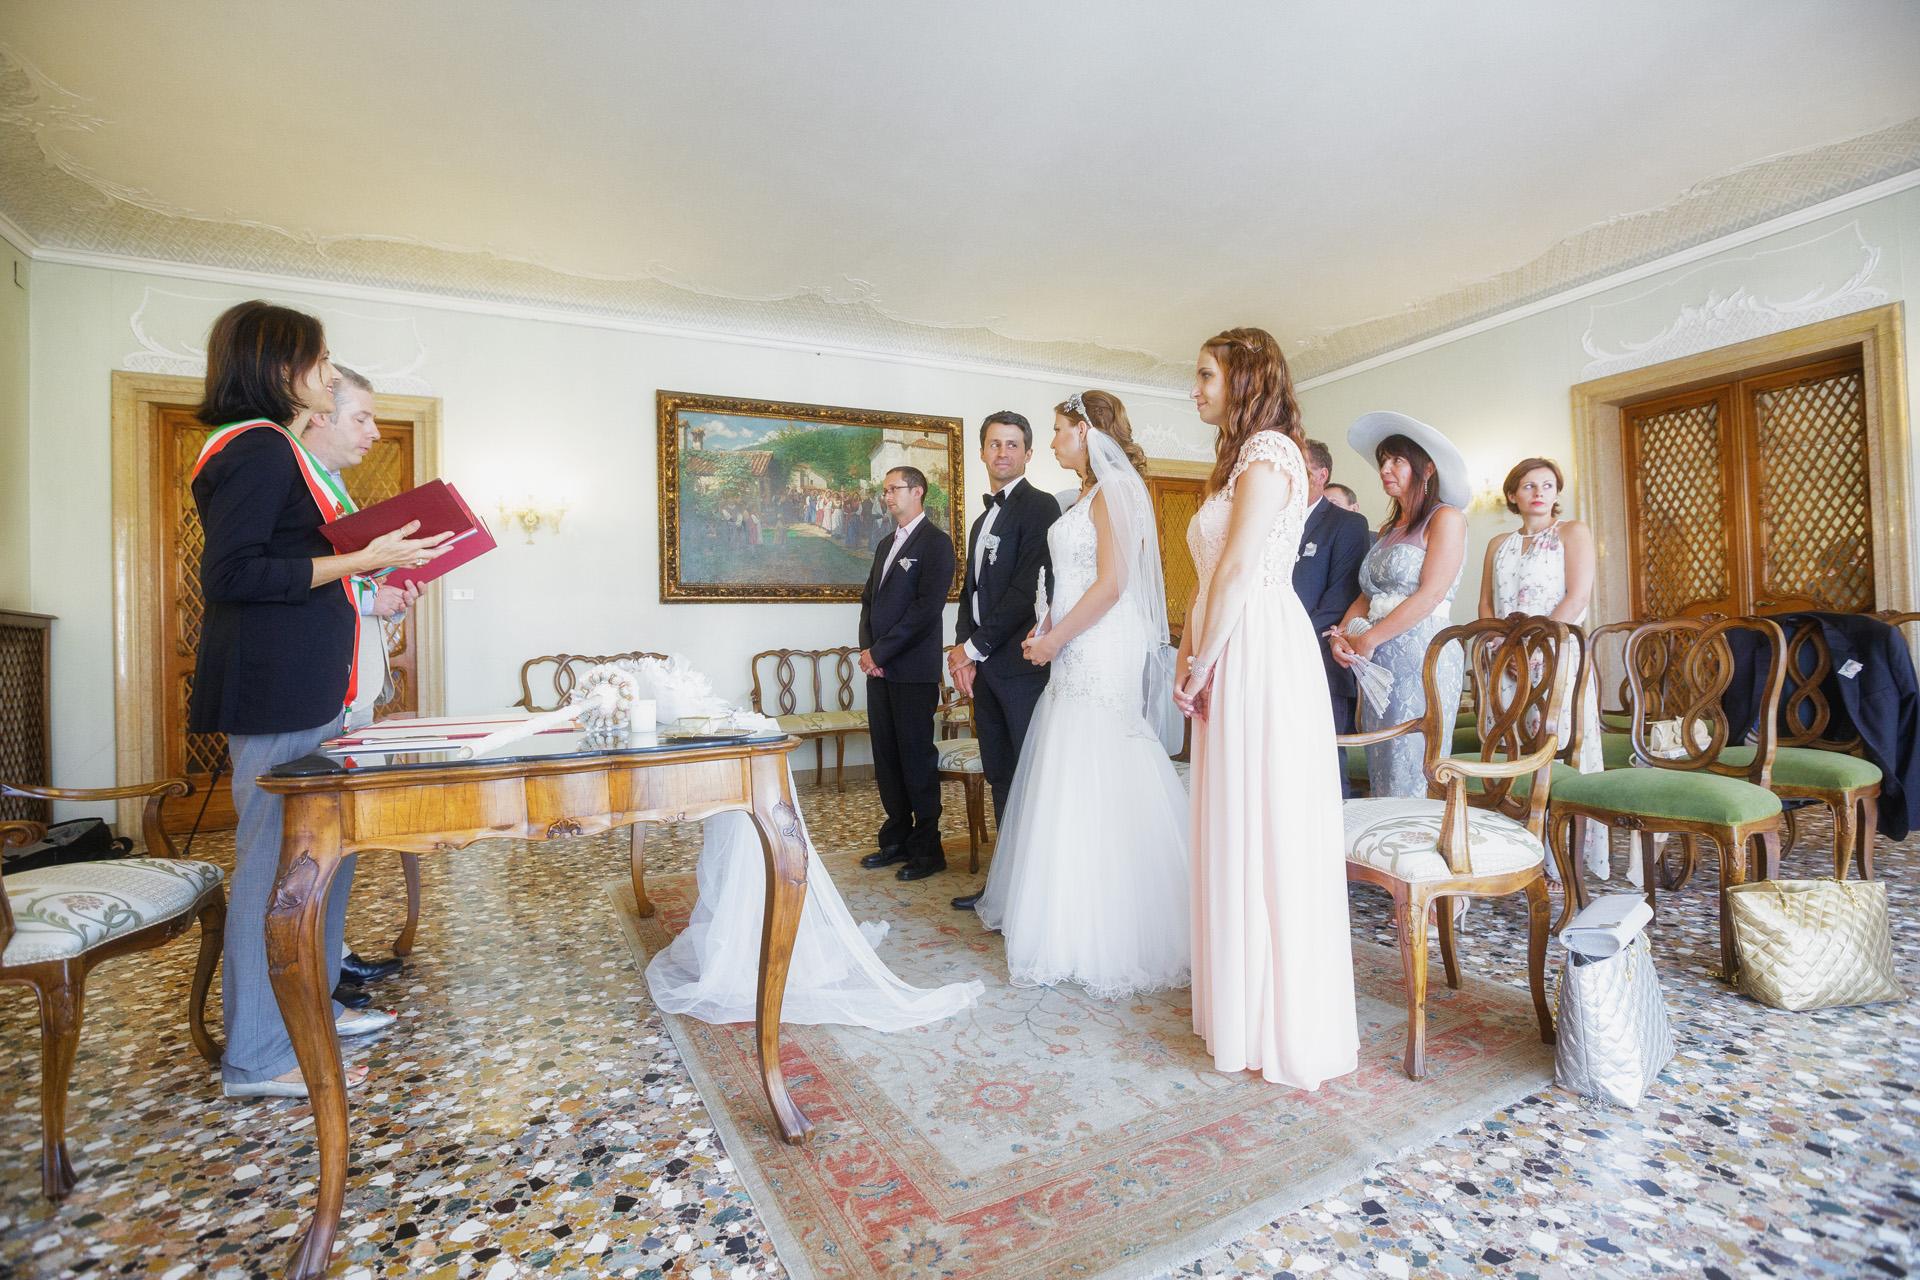 Cérémonie d'Elopement Photo - Venise, Italie   La cérémonie officielle du mariage en plein air.